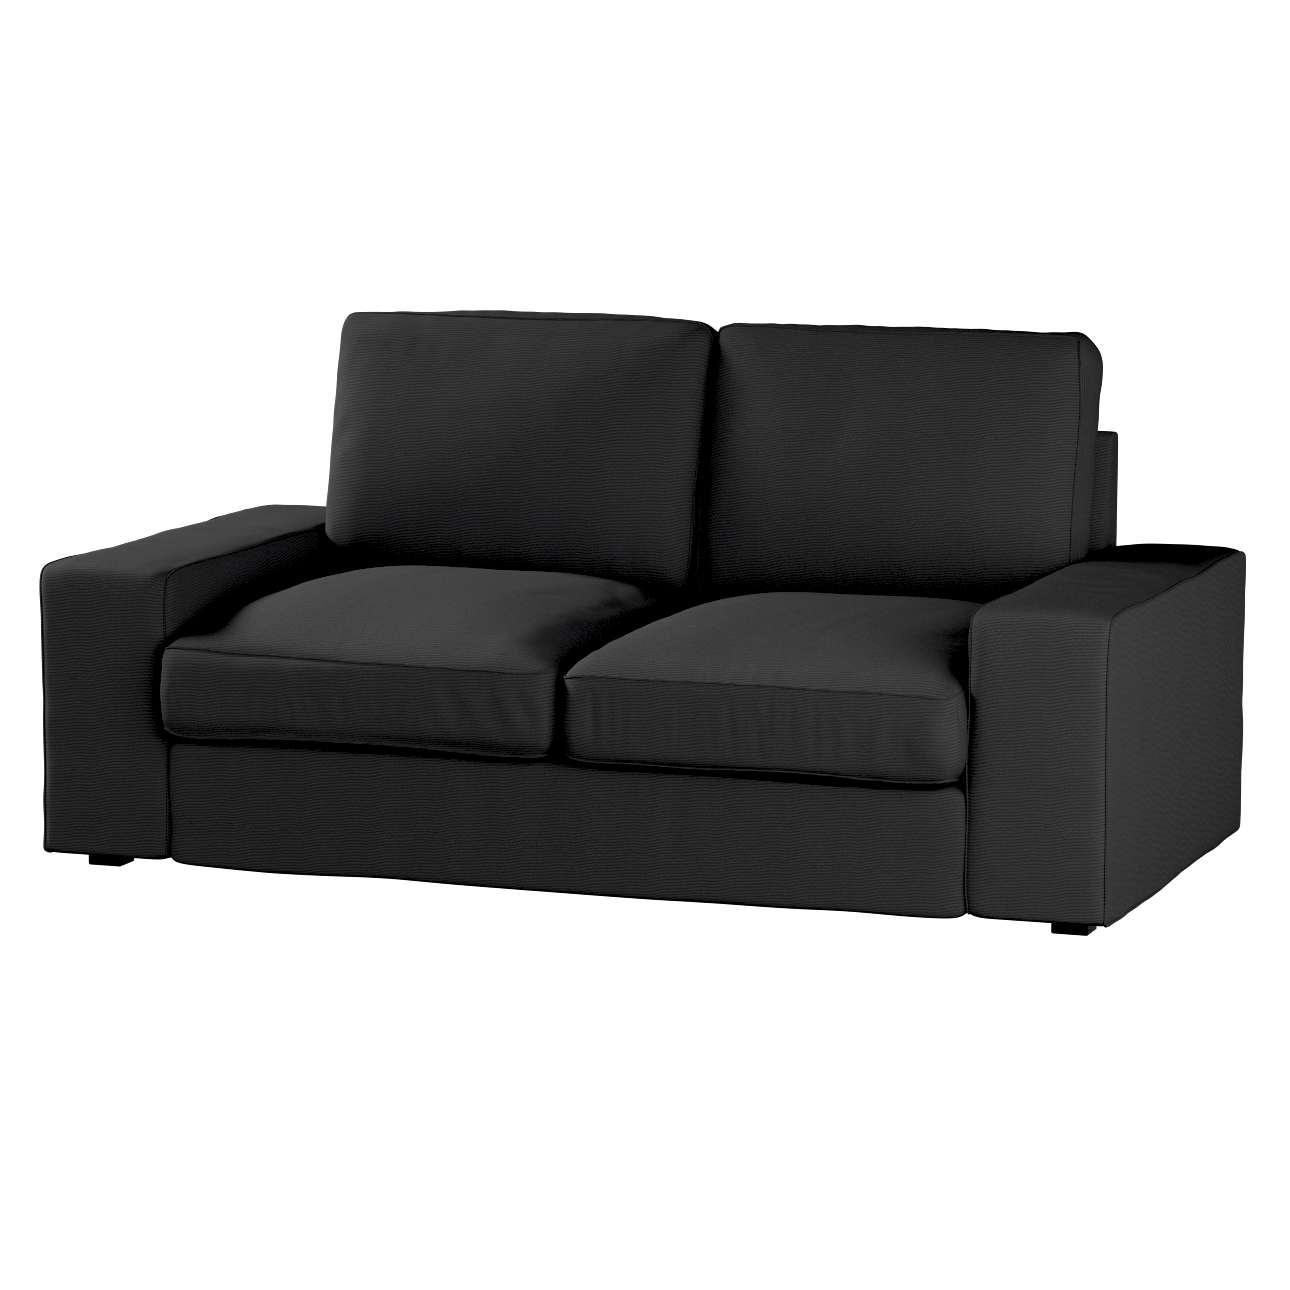 KIVIK dvivietės sofos užvalkalas Kivik 2-seat sofa kolekcijoje Etna , audinys: 705-00